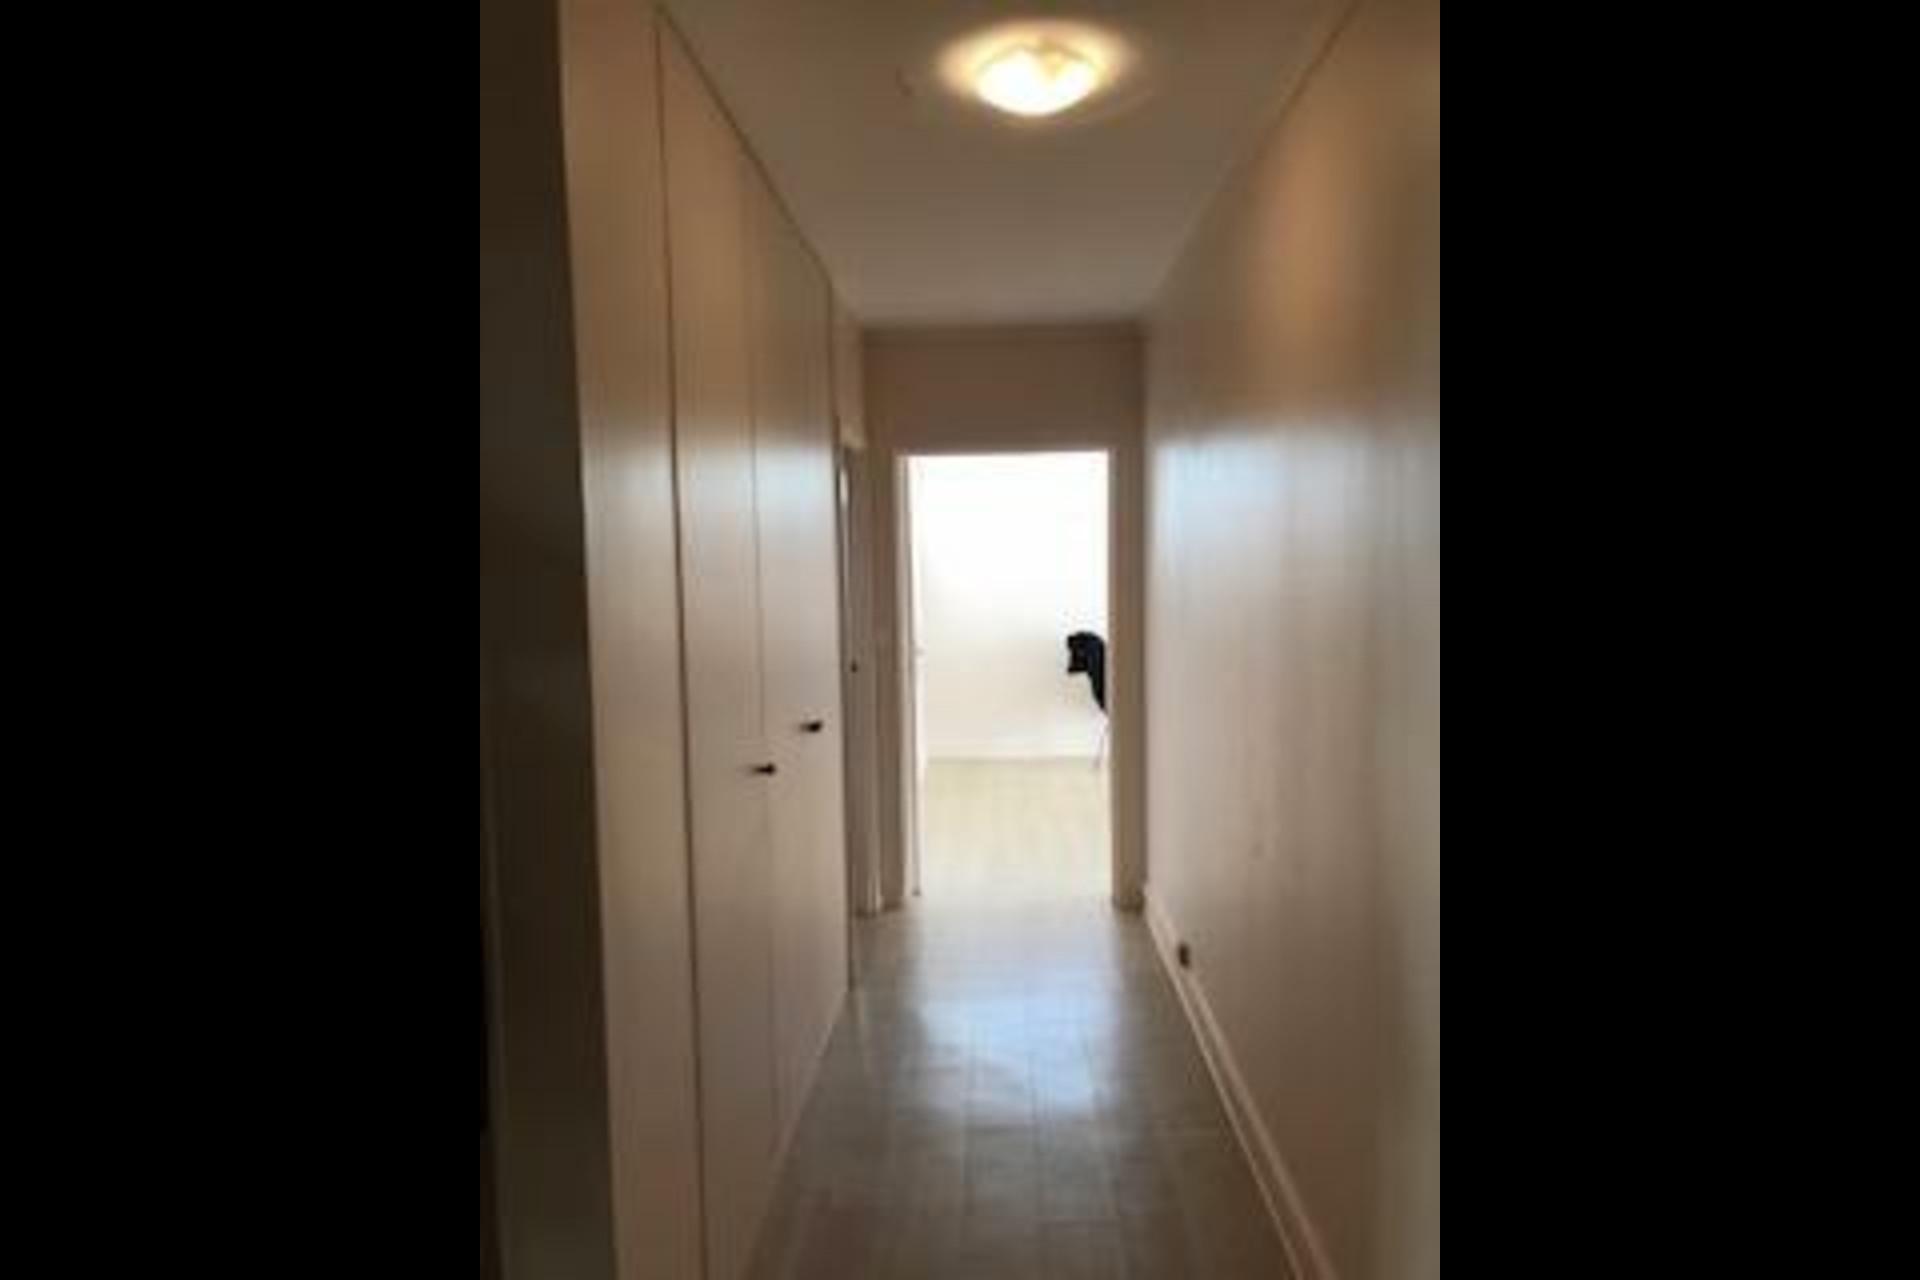 image 7 - Apartment For rent saint germain en laye - 3 rooms